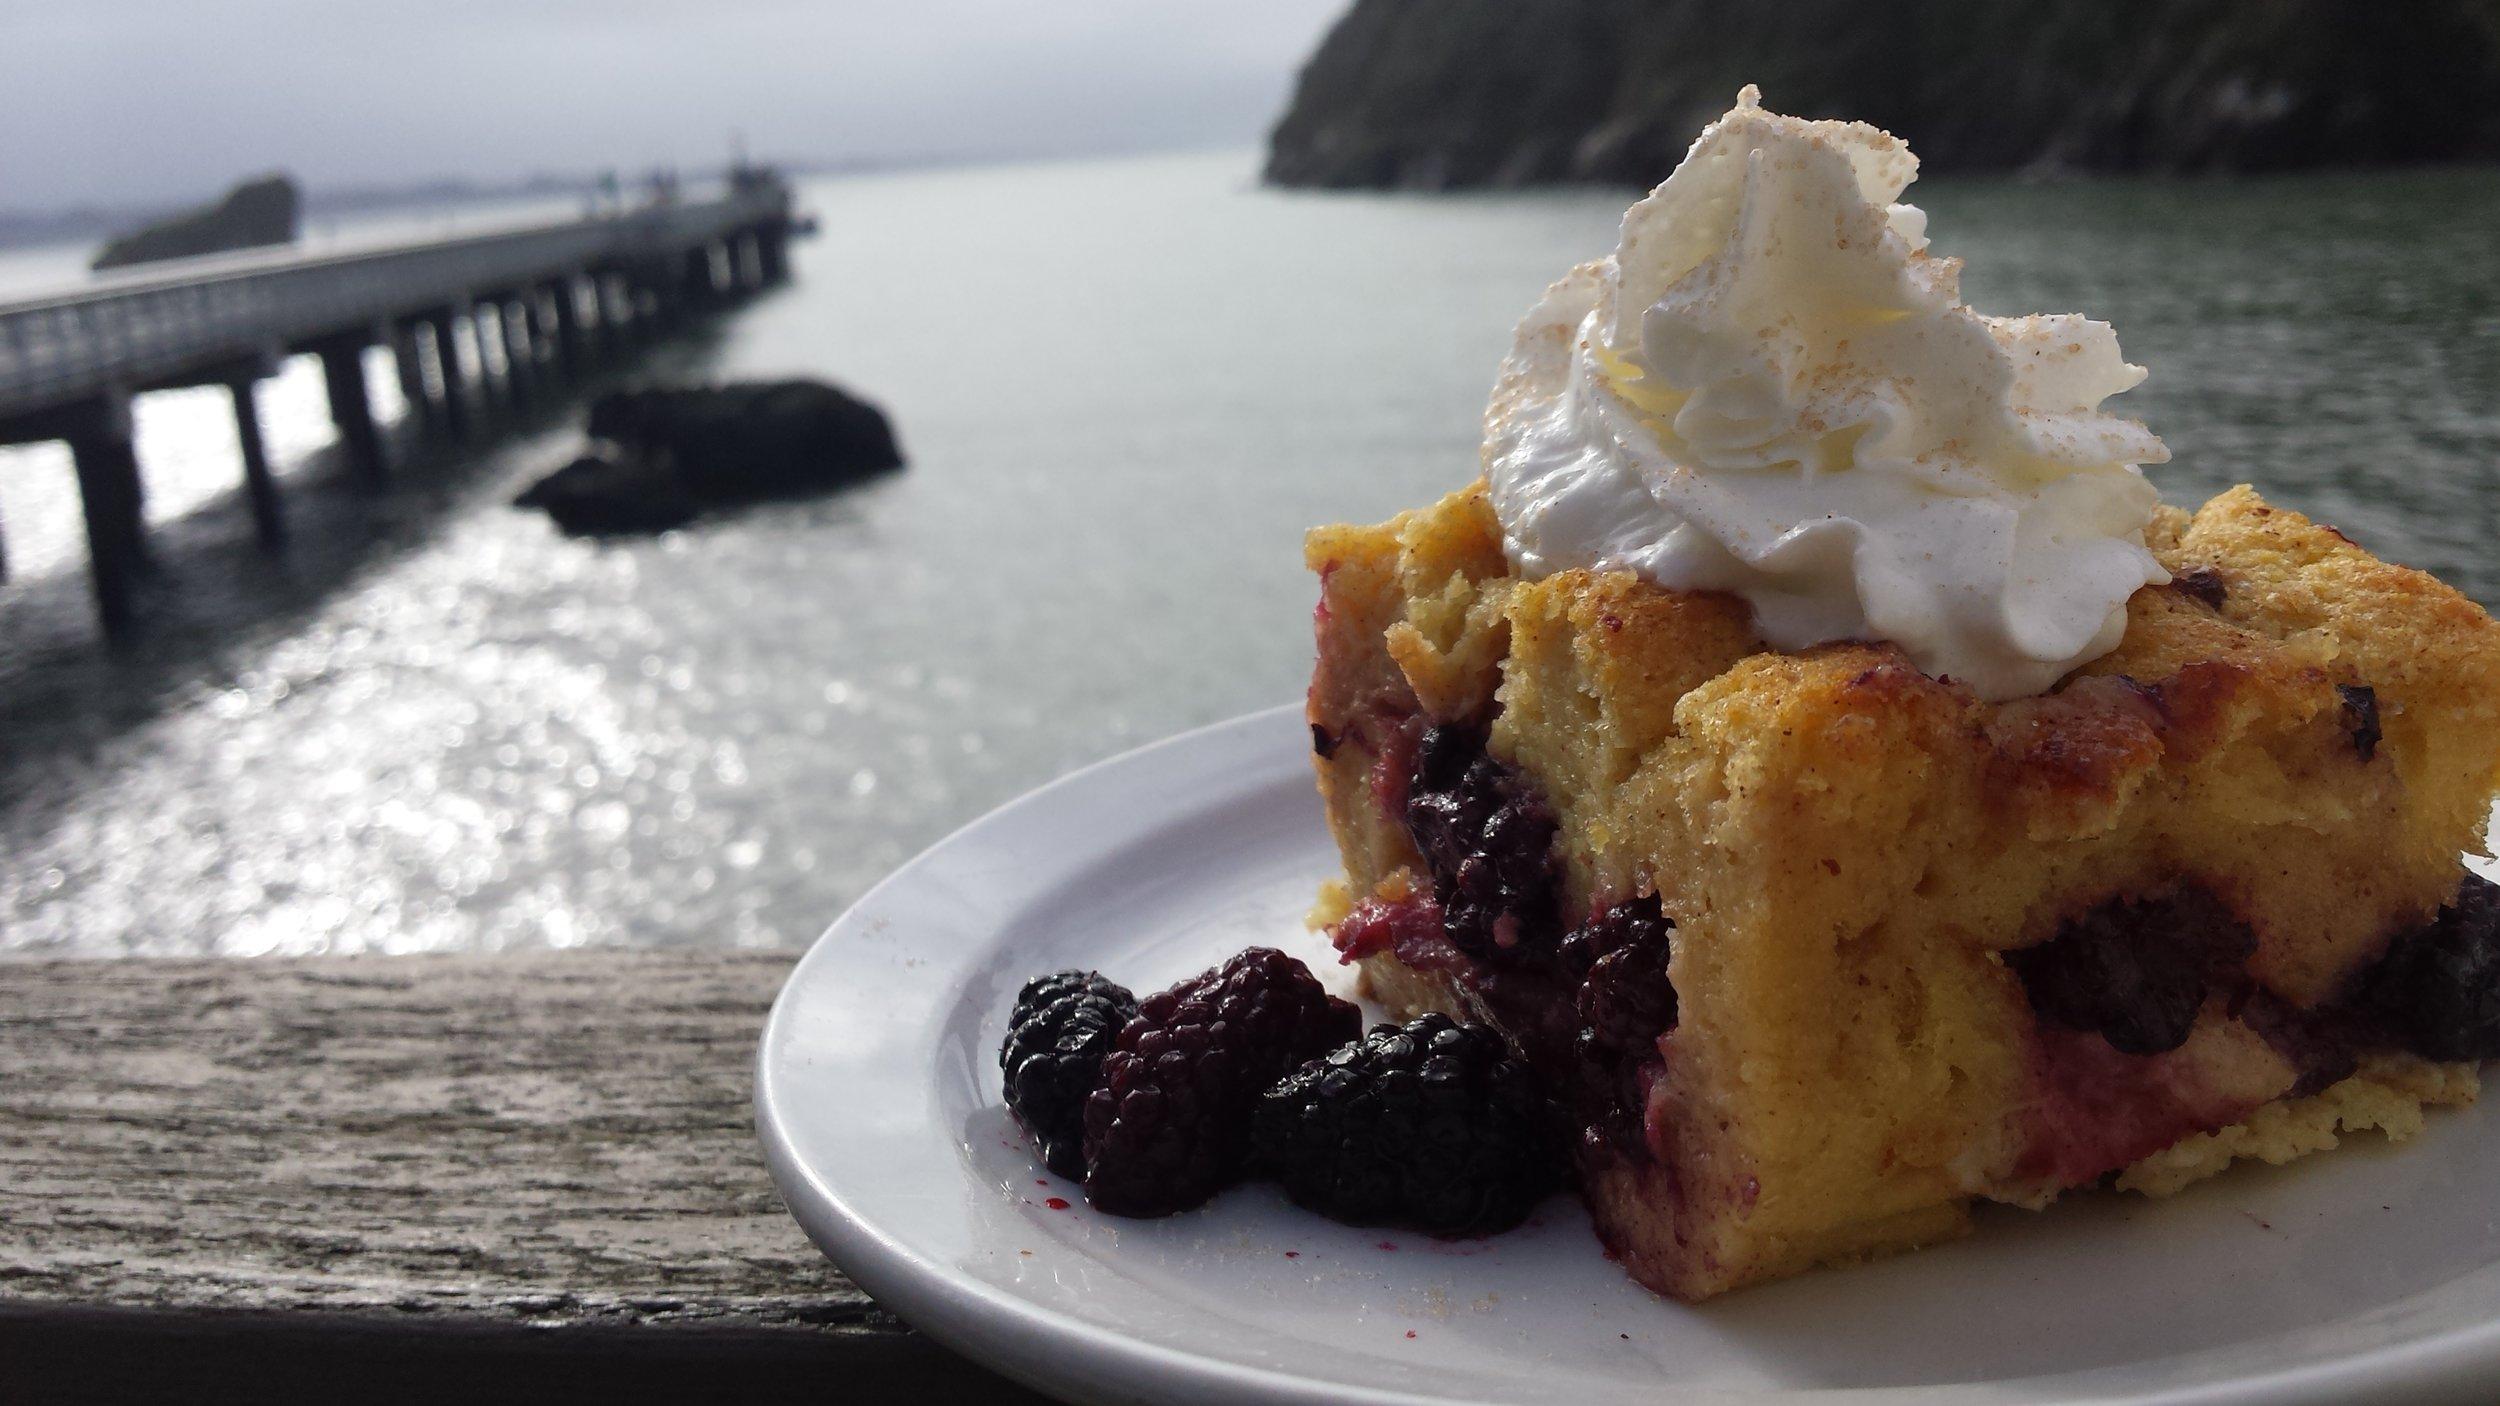 blackberry lemon bread pudding 1.30.18.jpg